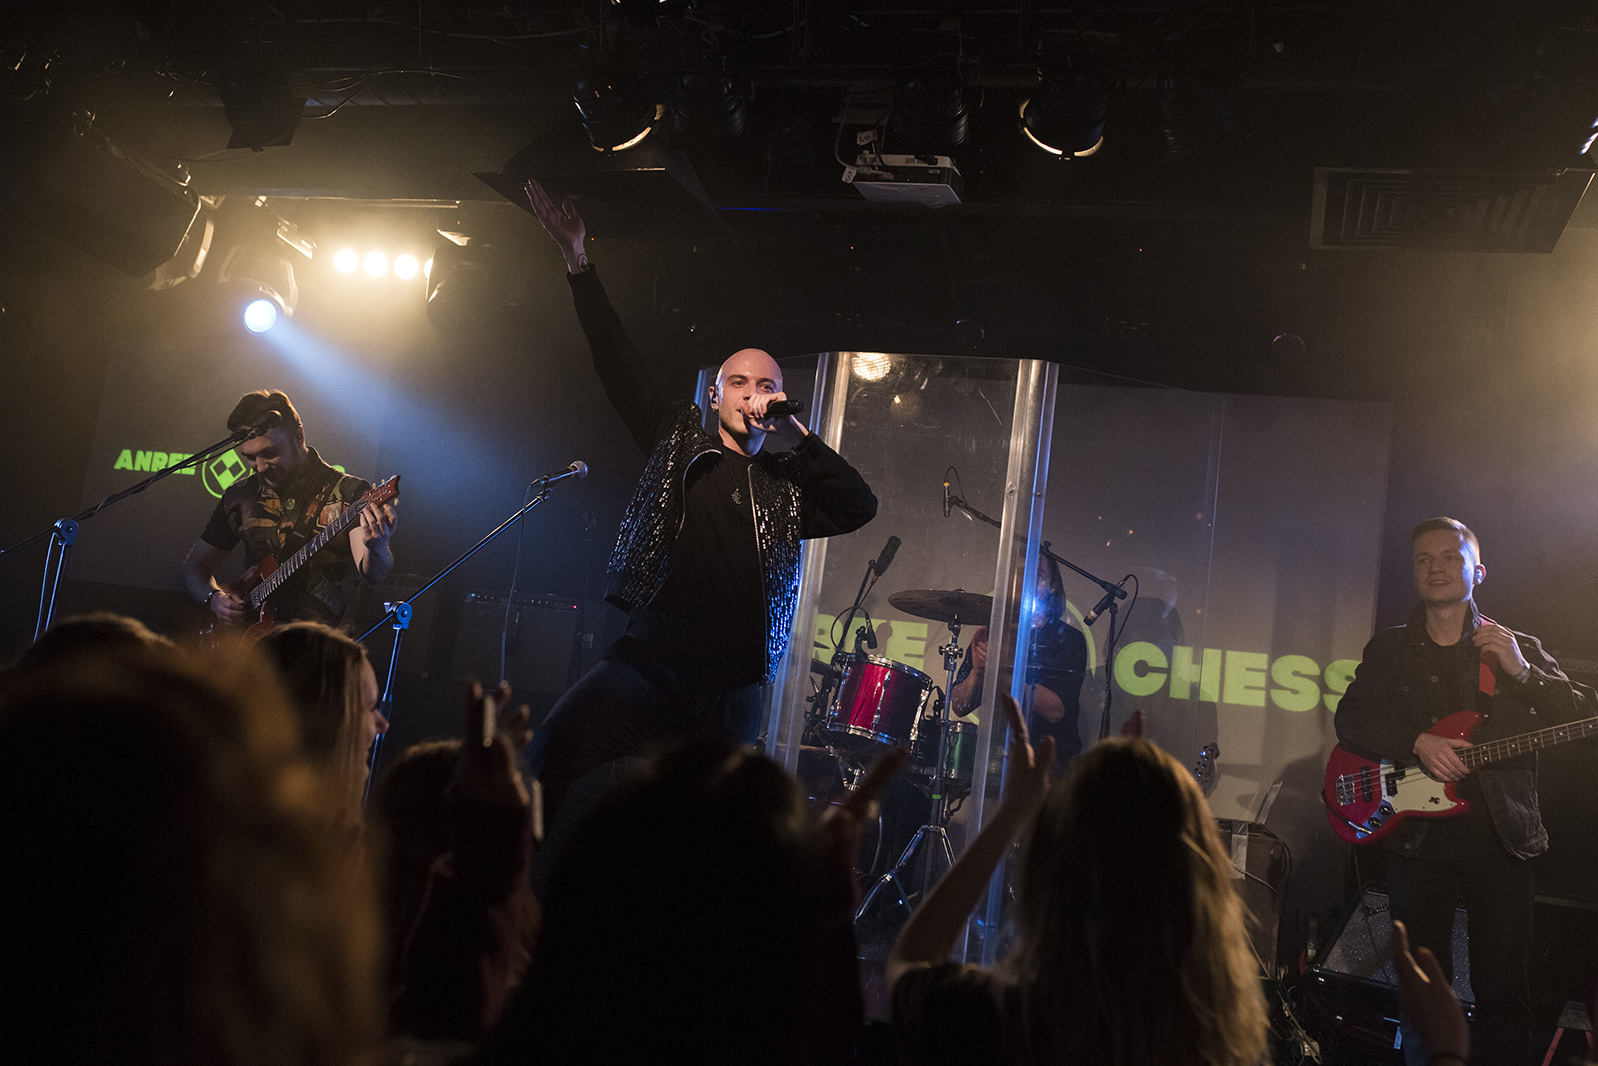 Фото ANREE CHESS , Презентация сингла